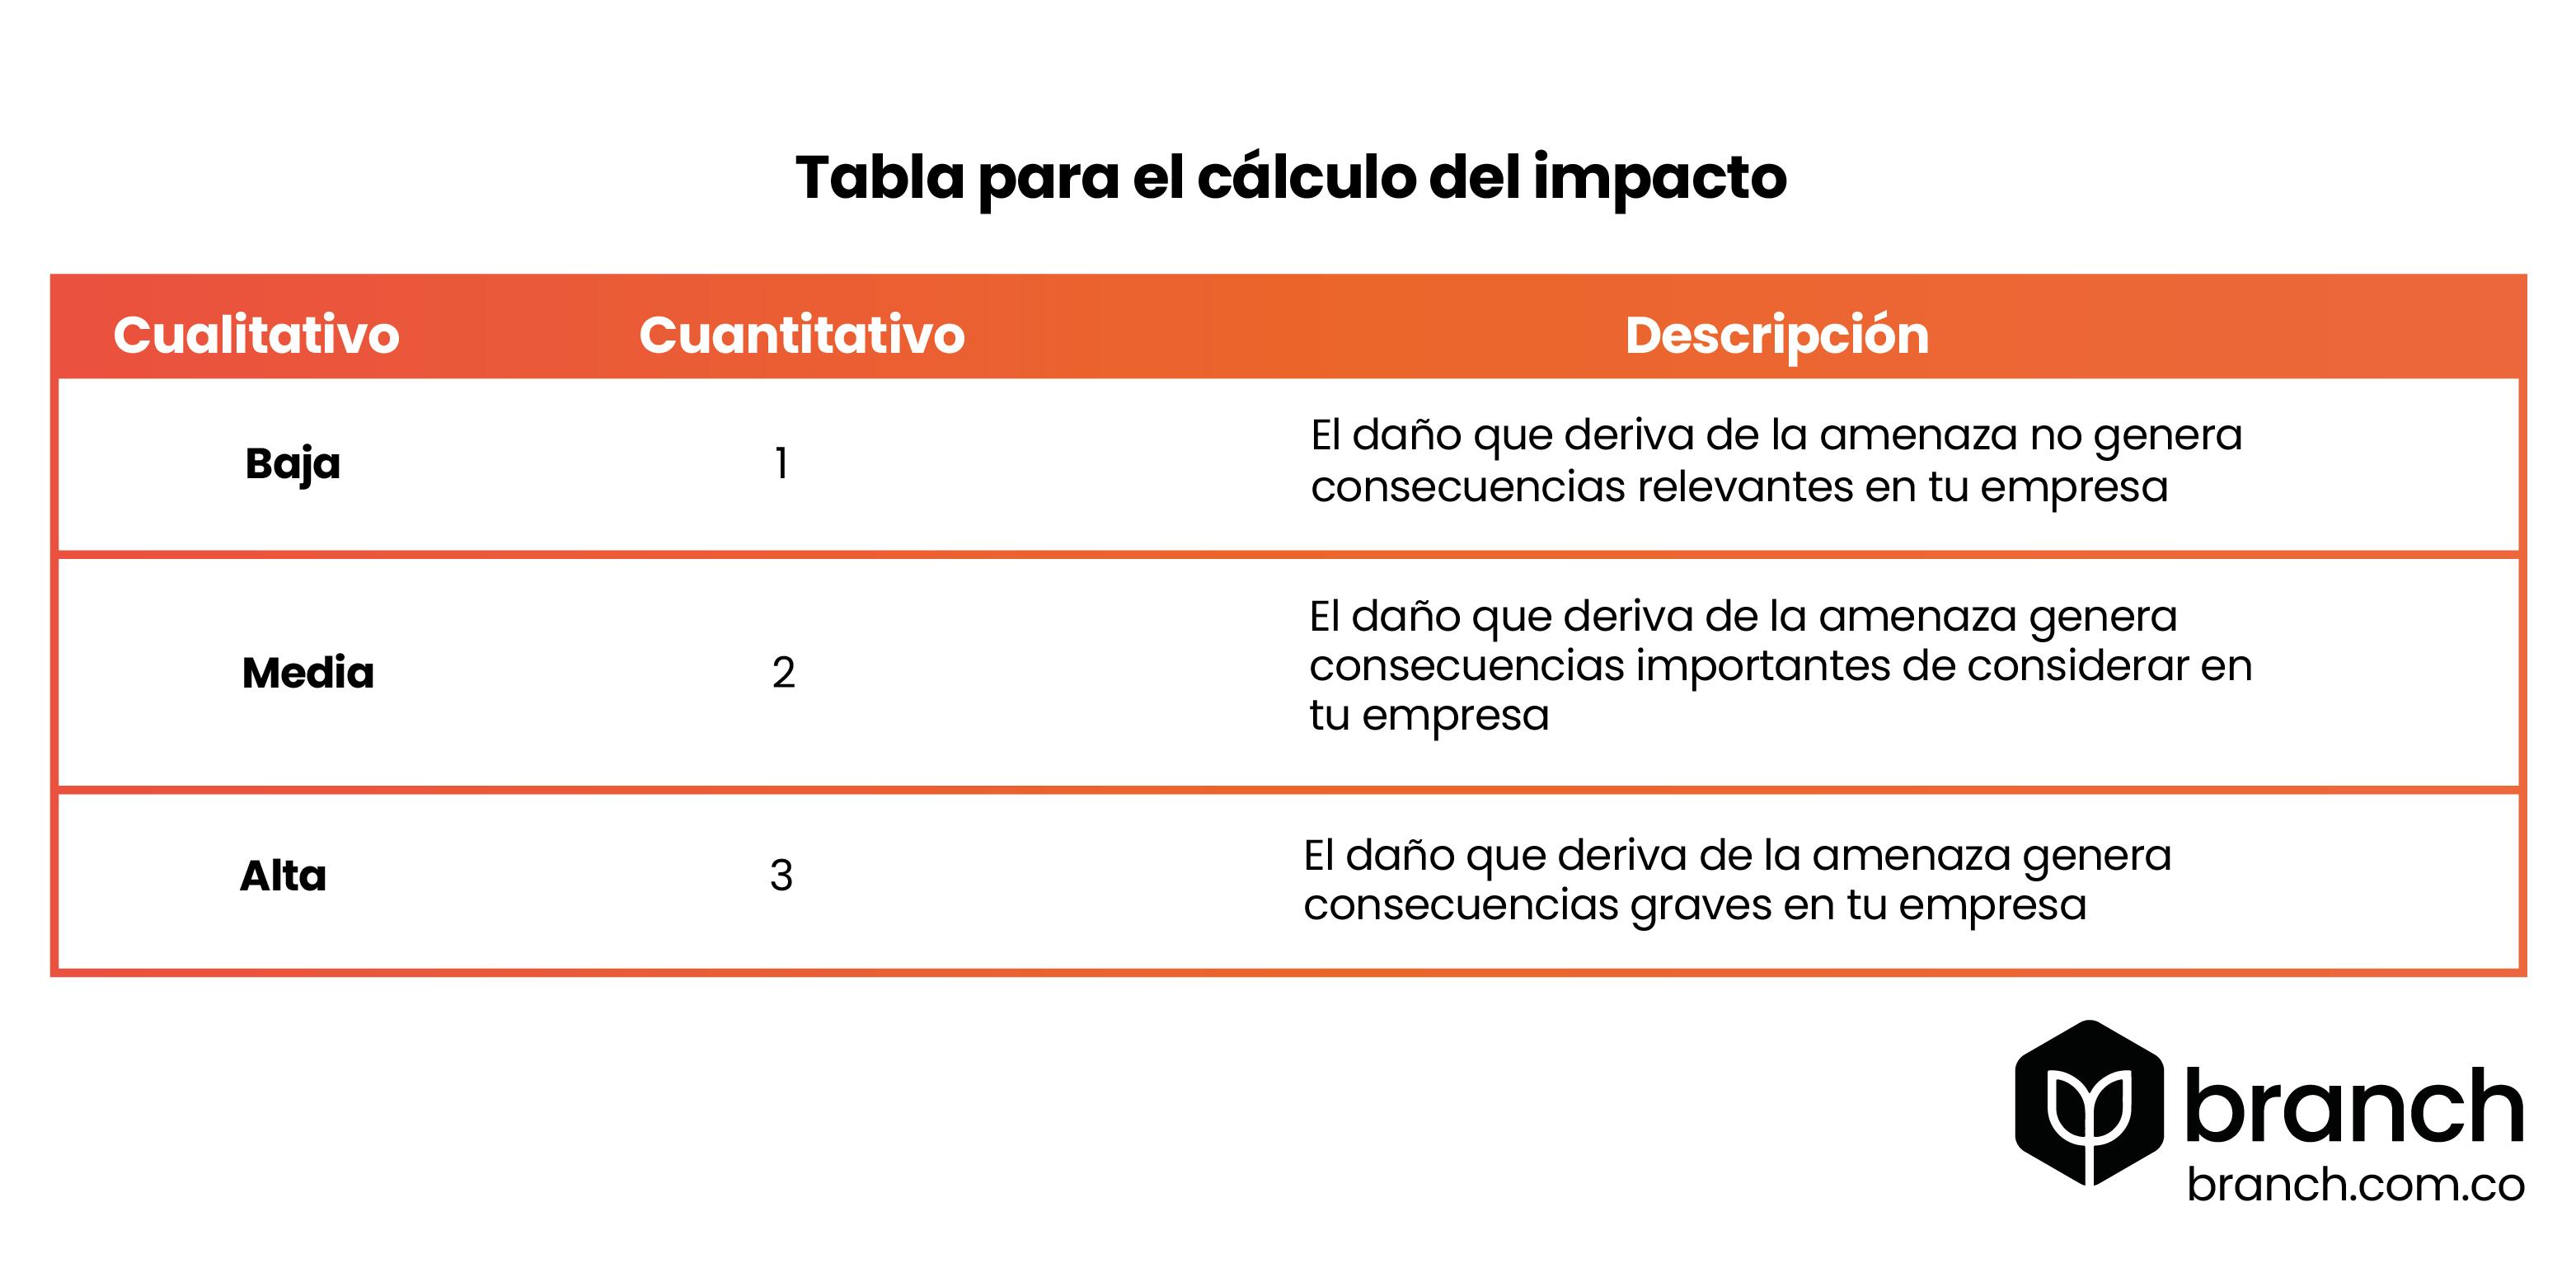 tabla-para-el-calculo-de-impacto-analisis-de-riesgo